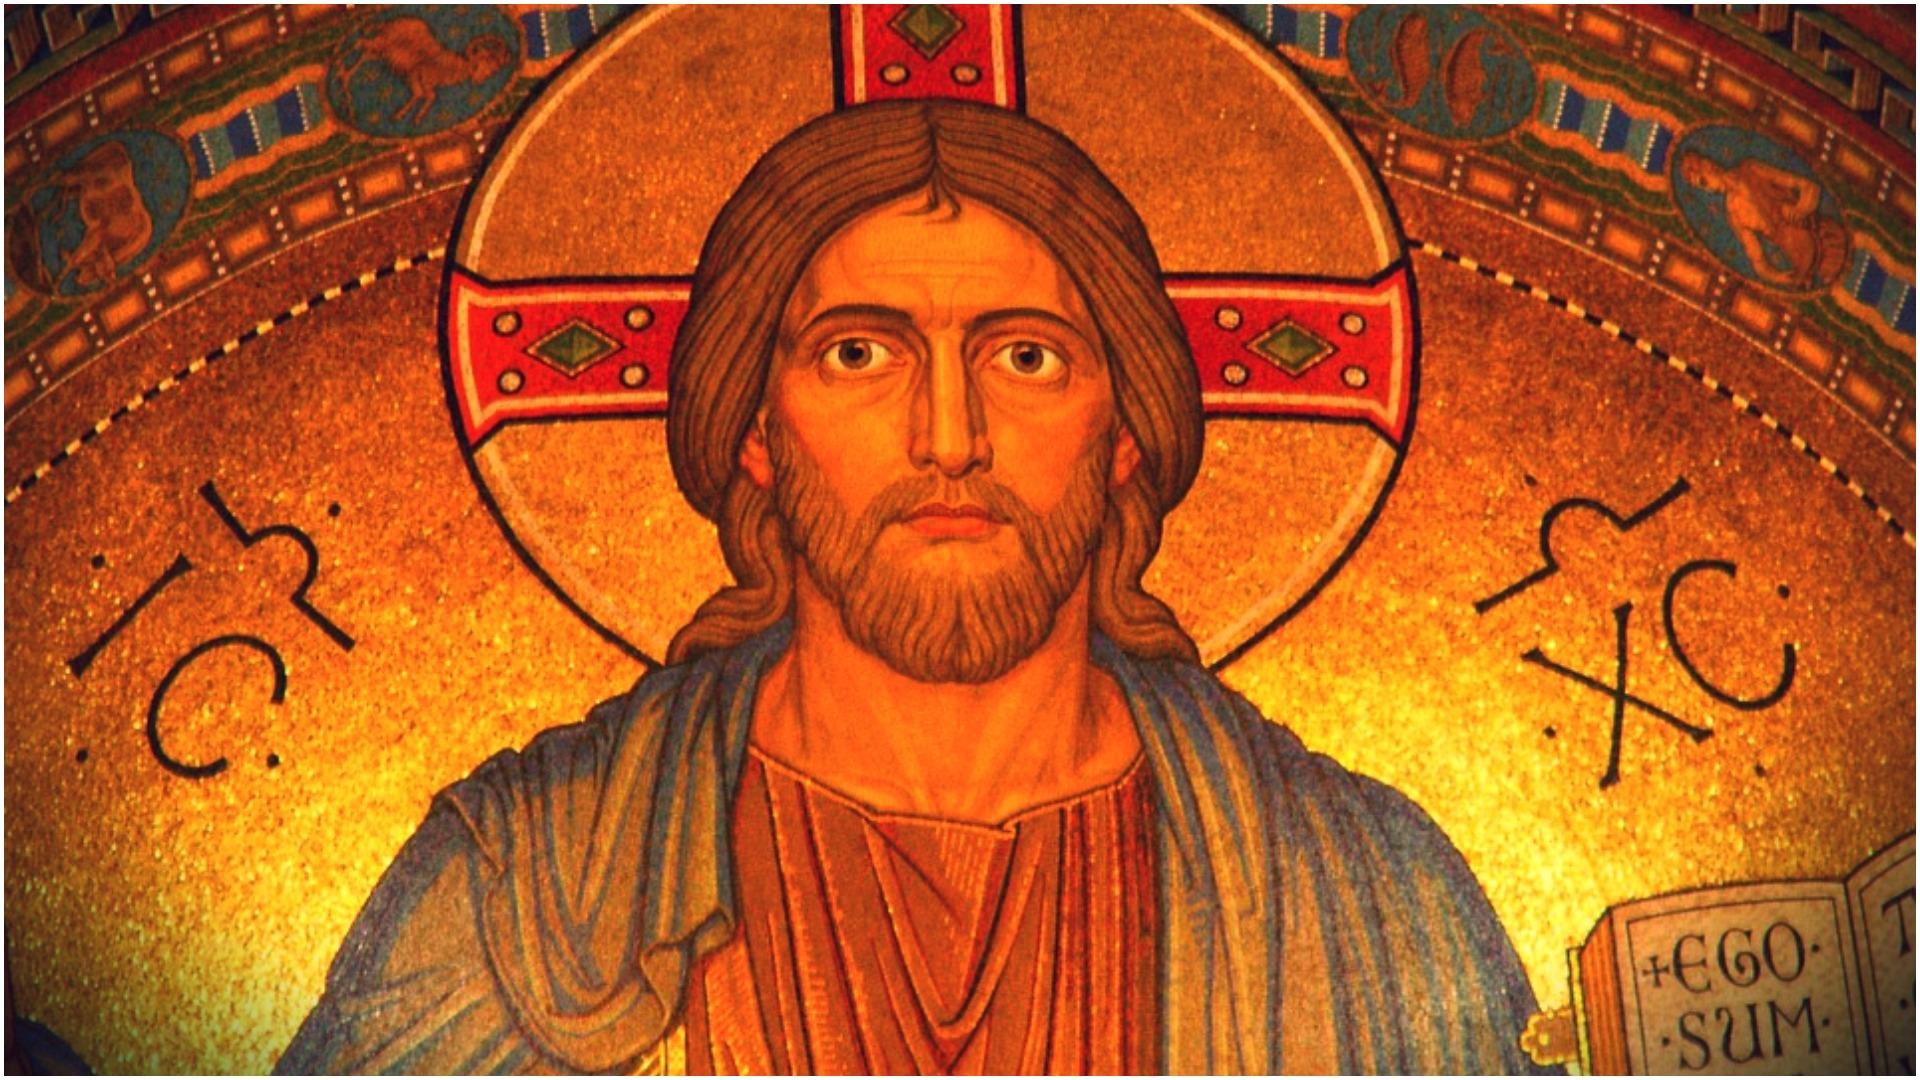 """Niezwykłe odkrycie rozerwało Kościół. """"Dokument świadczy o tym, że Jezus..."""""""